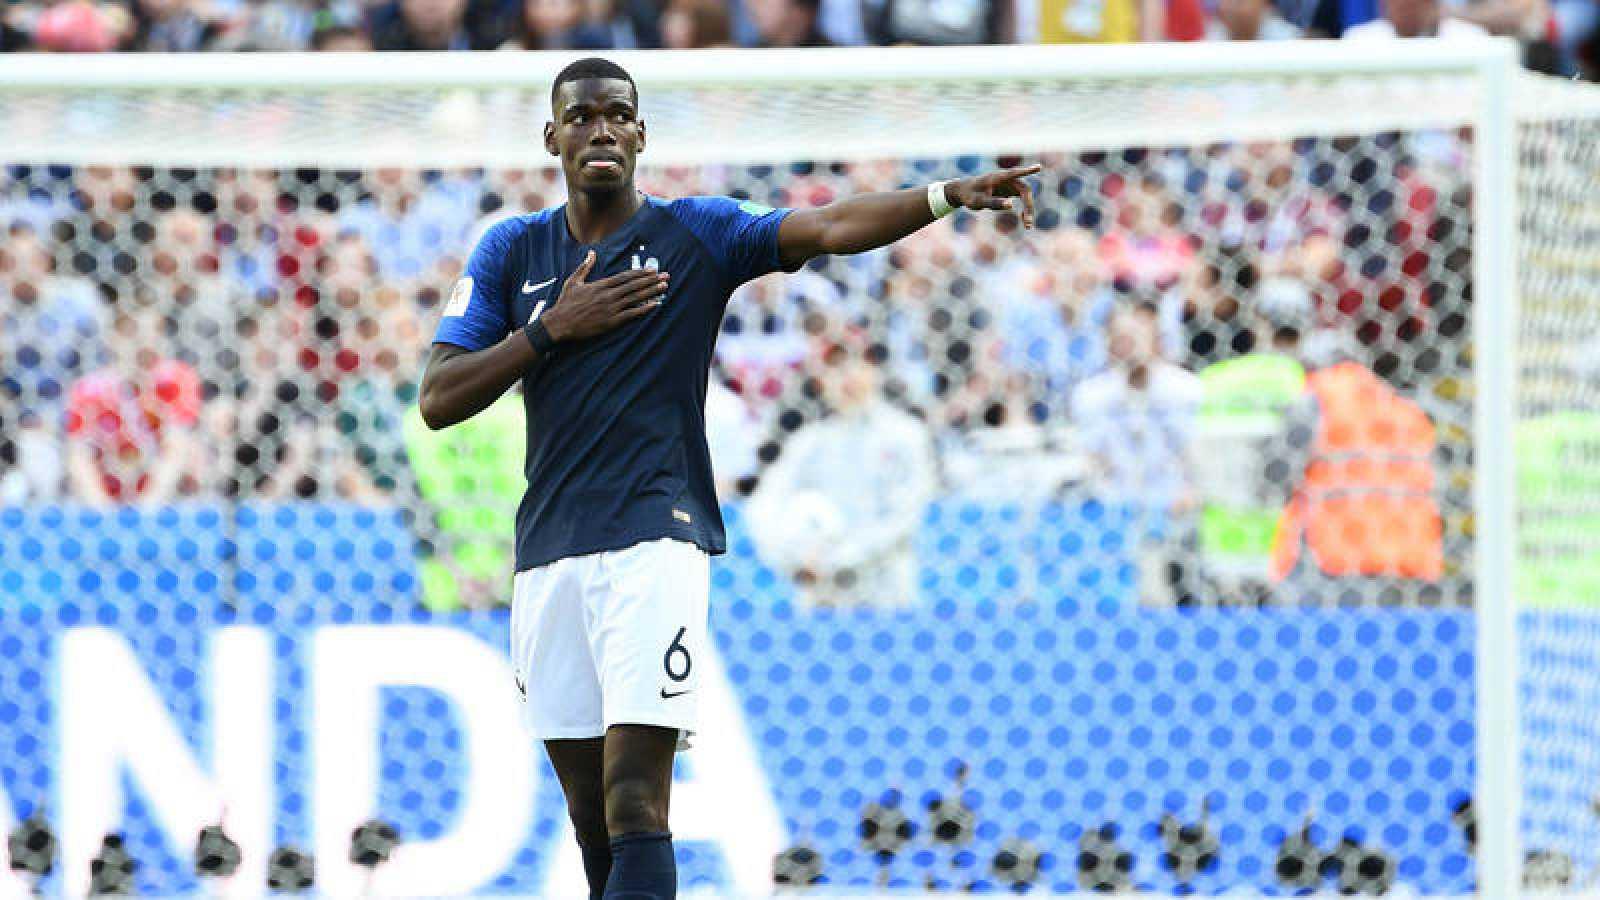 Francia vence a Australia por 1-0 gracias  a un tanto de Pogba